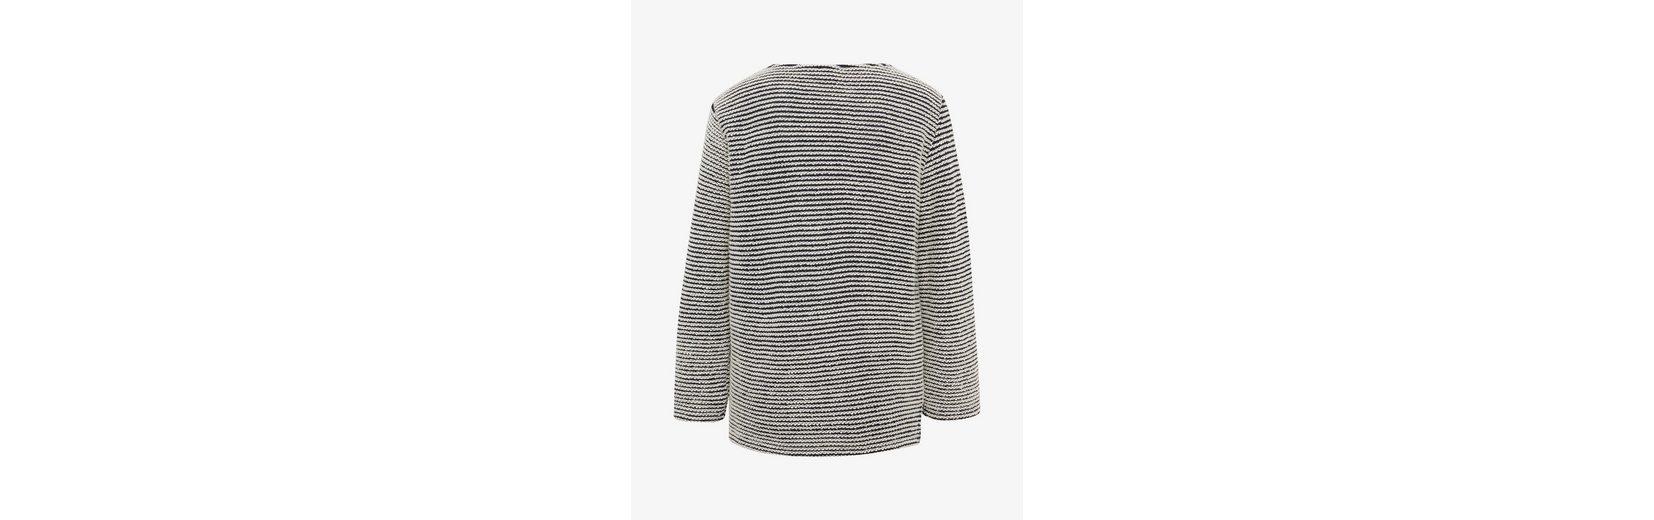 Gutes Verkauf Günstig Online Aus Deutschland Günstigem Preis Tom Tailor Sweatshirt gestreiftes Sweatshirt Verkauf Versorgung WeElshjtWn